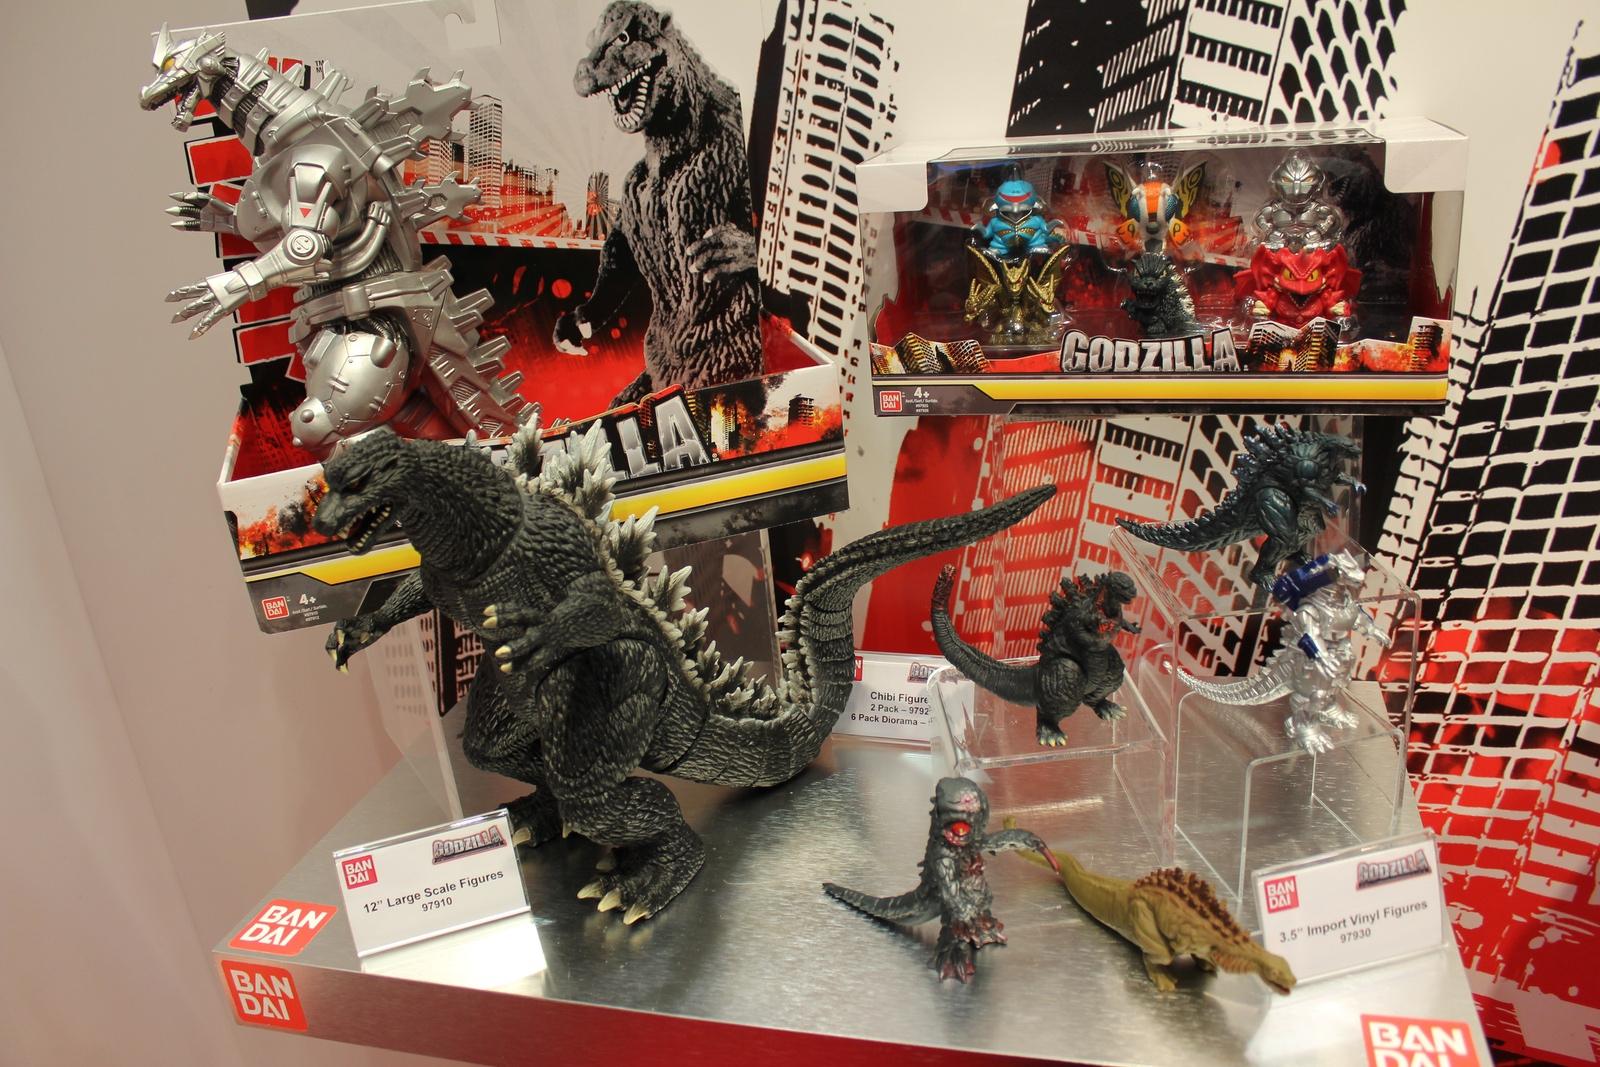 Bandai At Toy Fair Dragon Ball Z Godzilla Disney And